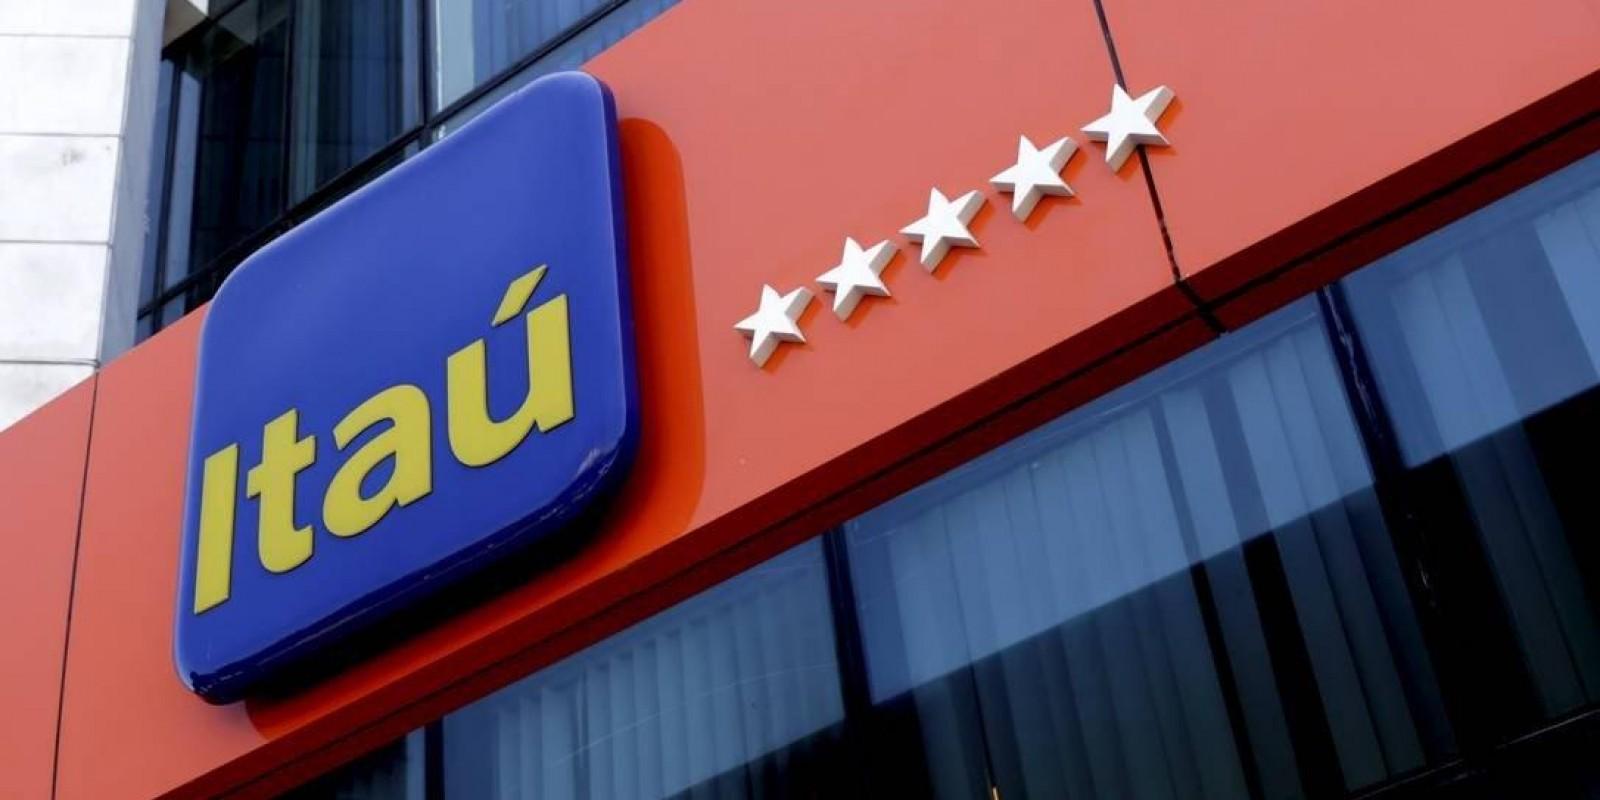 Bancários voltam a discutir emprego e remuneração com o Itaú